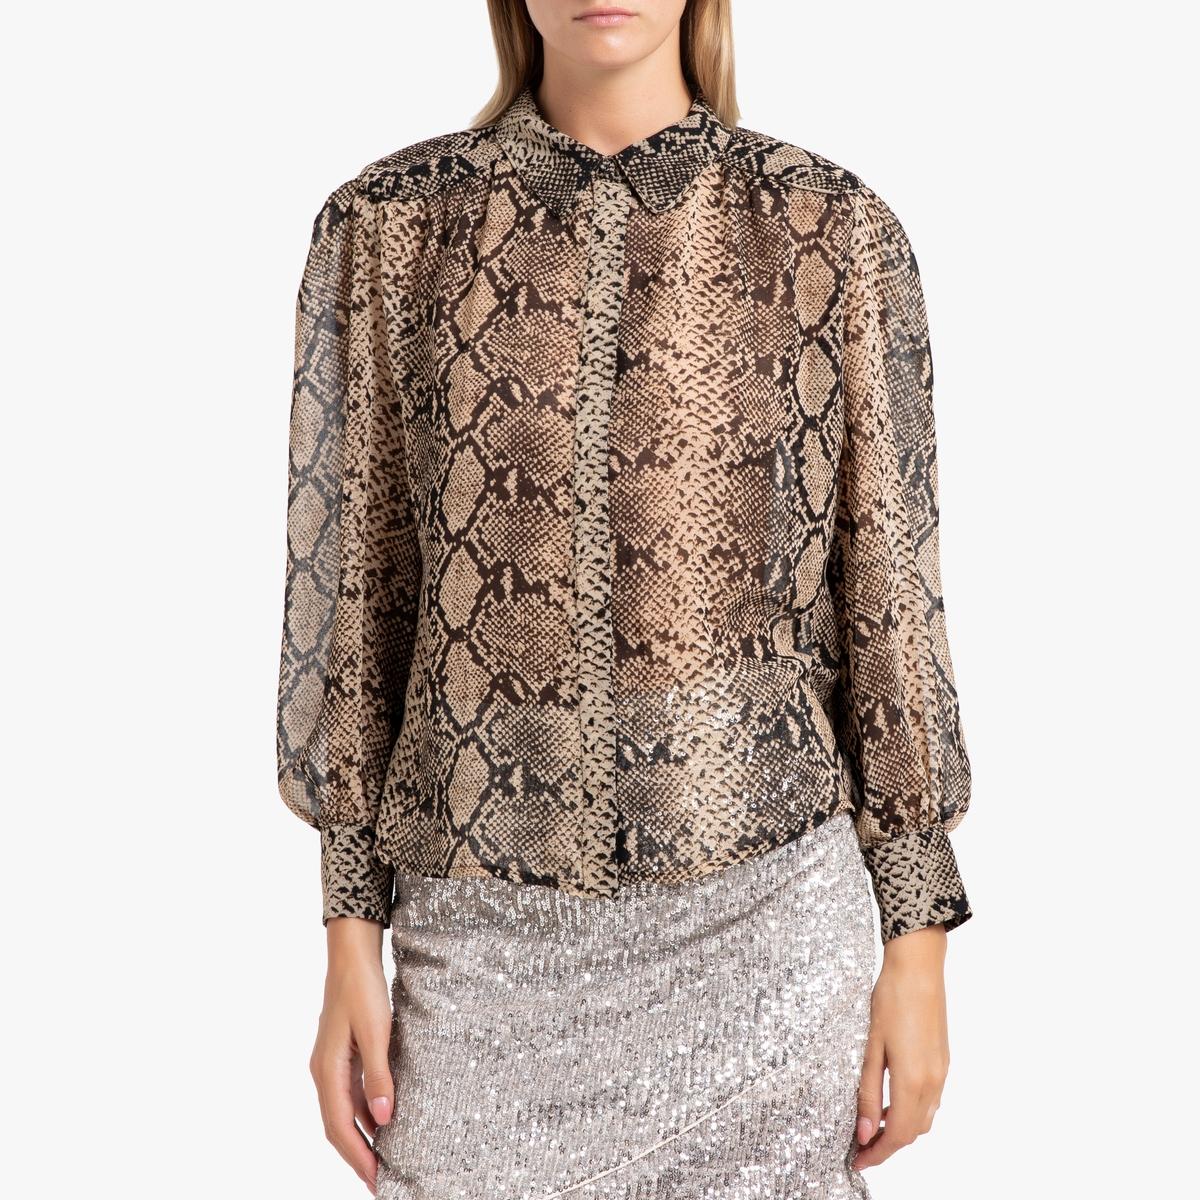 все цены на Рубашка La Redoute С принтом под кожу питона и длинными рукавами LOUKIA 0(XS) каштановый онлайн